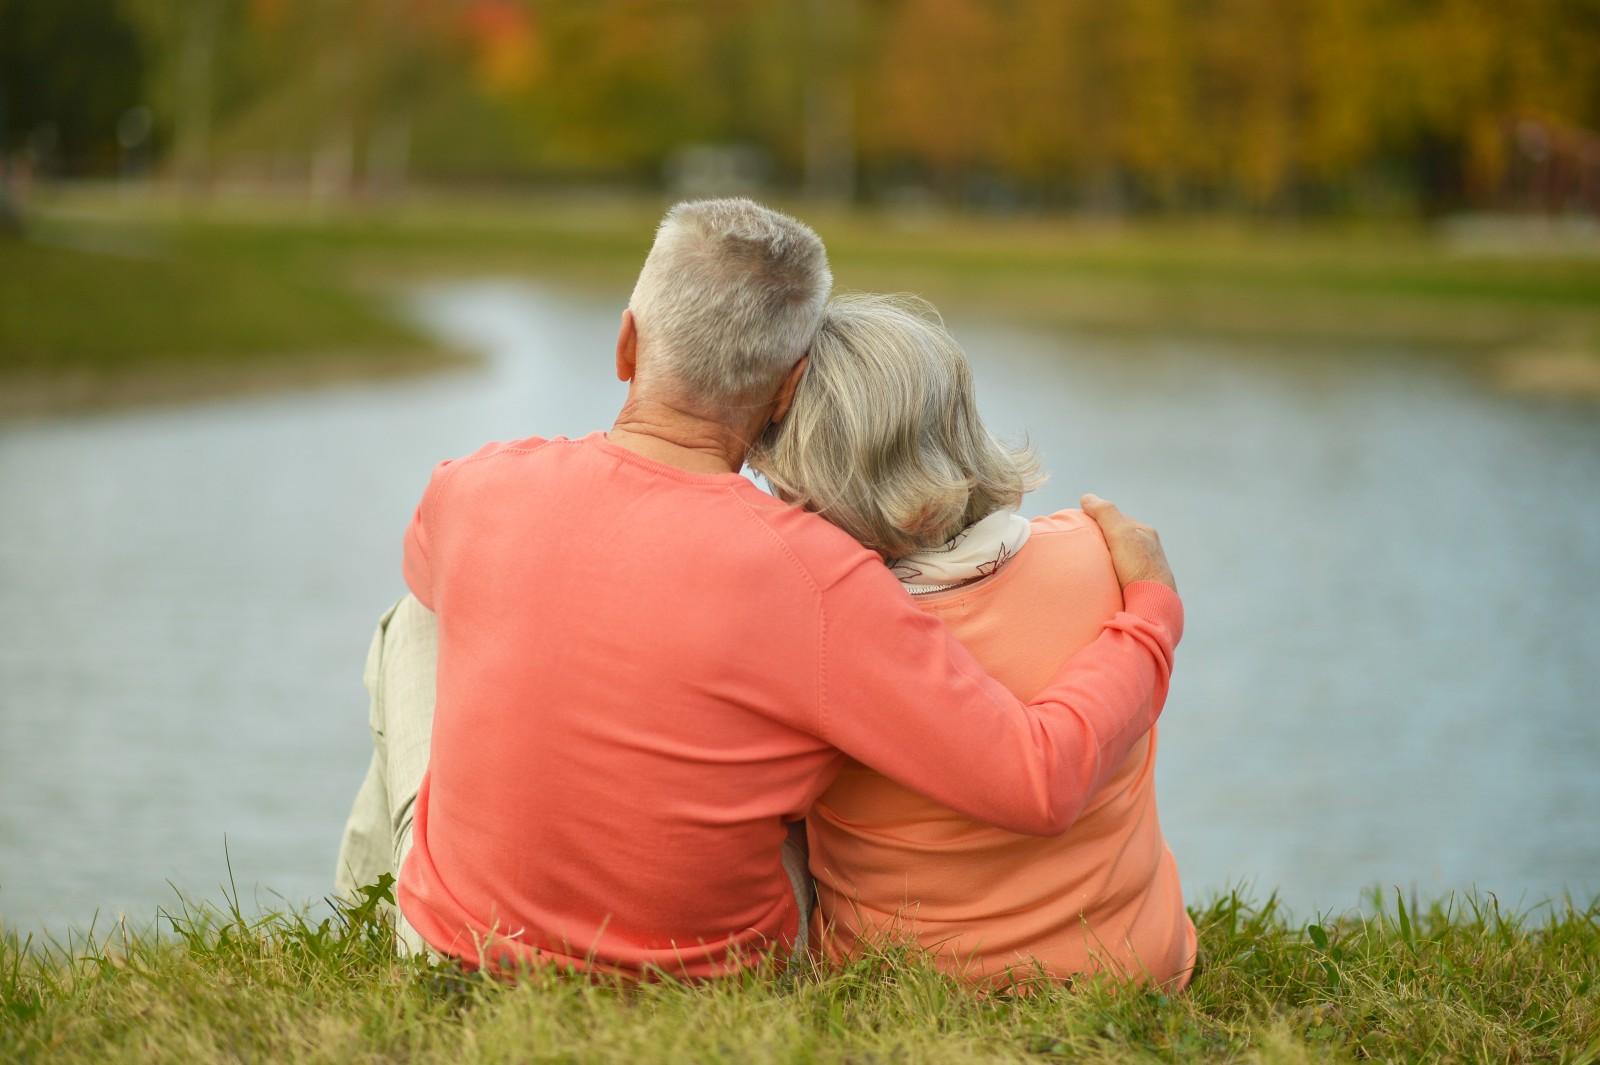 5 tipps f r gesundheit bis ins hohe alter gesund bleiben codecheck info. Black Bedroom Furniture Sets. Home Design Ideas